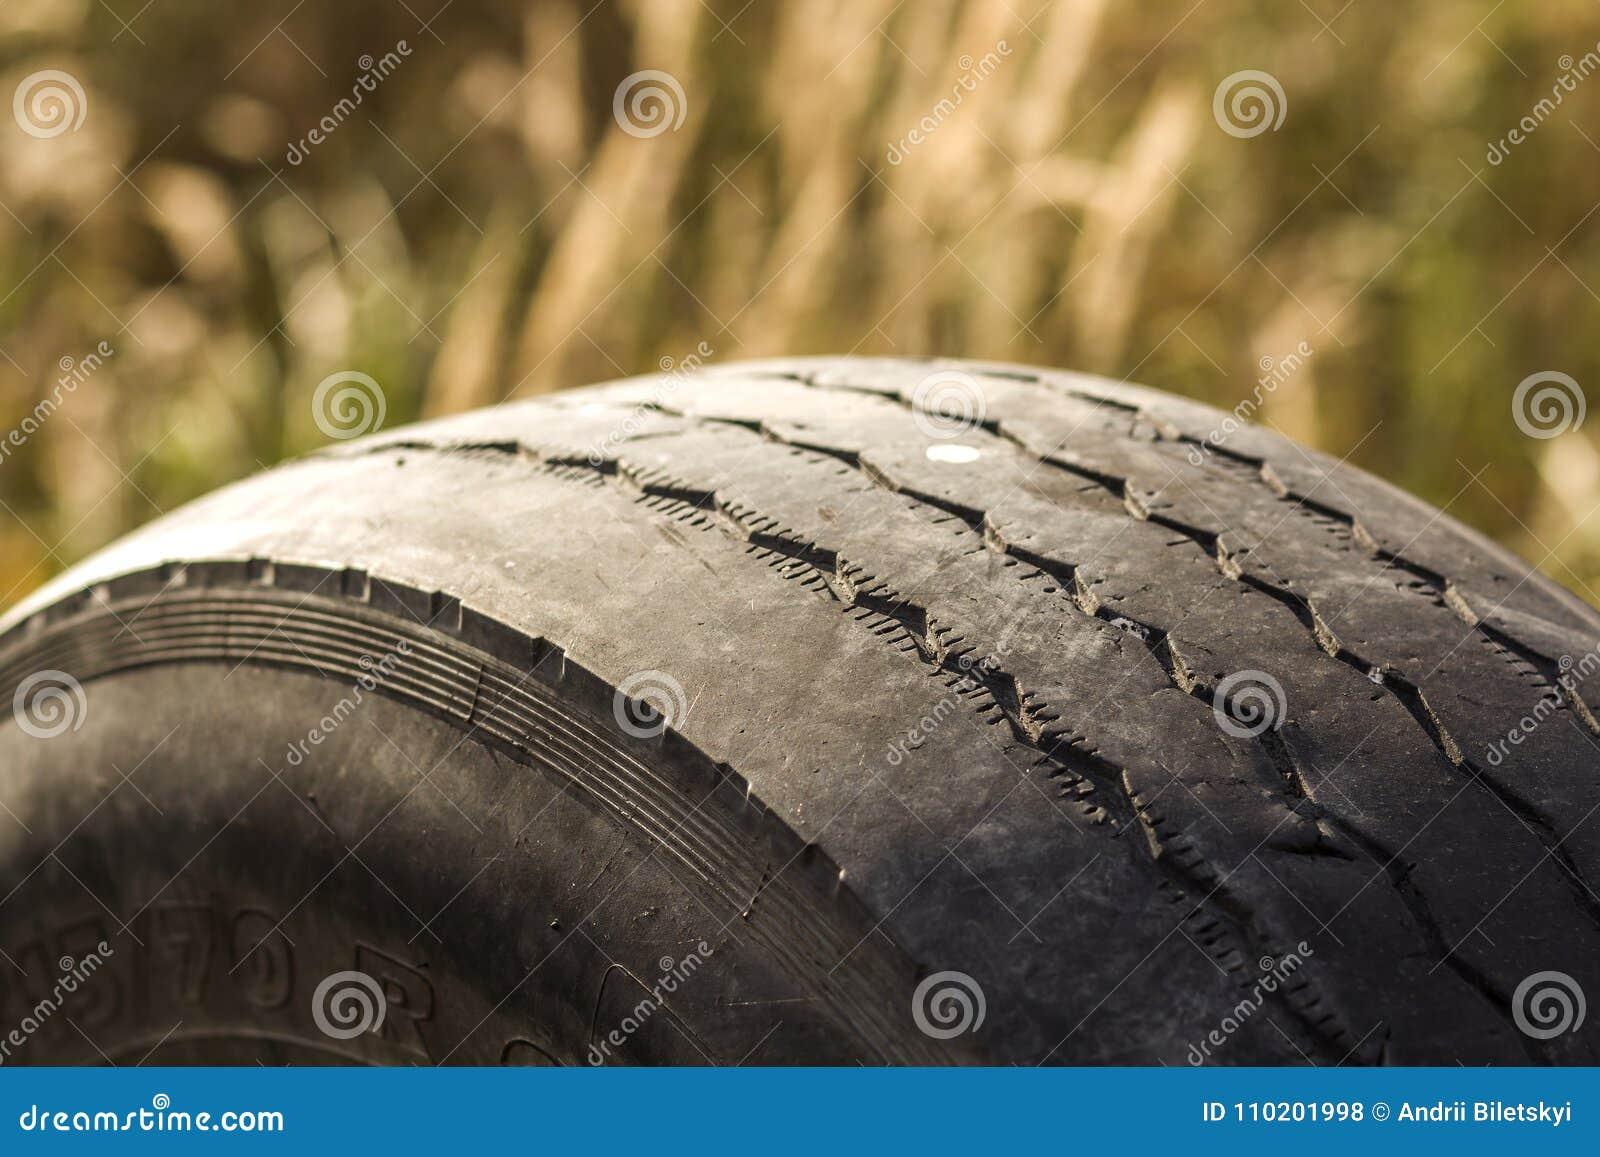 Détail en gros plan du pneu de roue de voiture mal utilisé et chauve en raison du cheminement de pauvres ou de l alignement des r